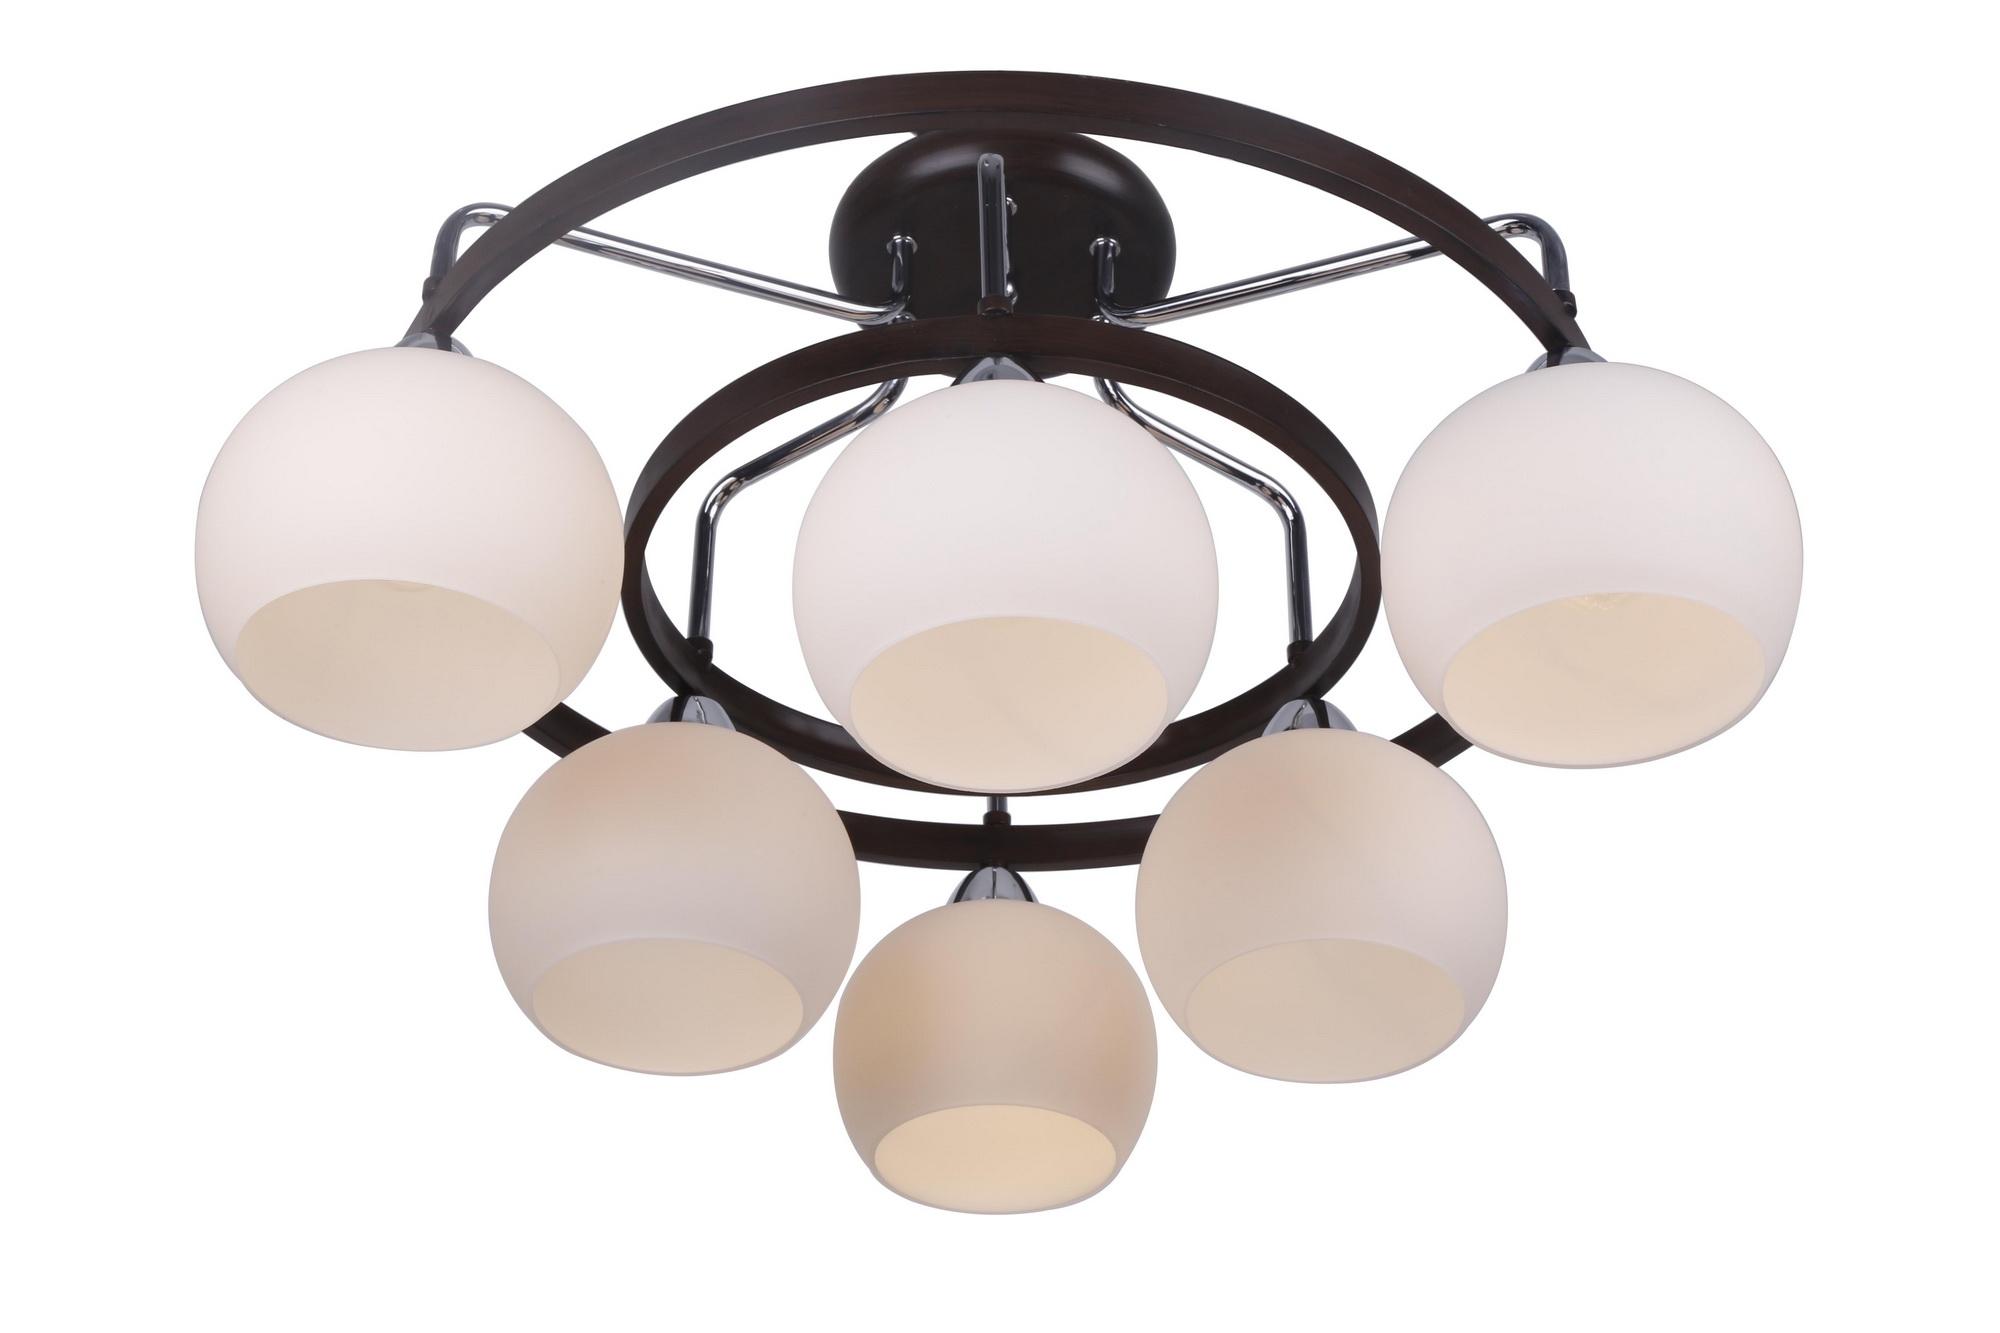 Люстра Arte lampЛюстры<br>Назначение светильника: для комнаты, Стиль светильника: модерн, Тип: потолочная, Материал светильника: металл, стекло, Материал плафона: стекло, Материал арматуры: металл, Длина (мм): 640, Ширина: 640, Высота: 340, Количество ламп: 6, Тип лампы: накаливания, Мощность: 40, Патрон: Е14, Цвет арматуры: дерево, Родина бренда: Италия, Коллекция: empoli 7148<br>